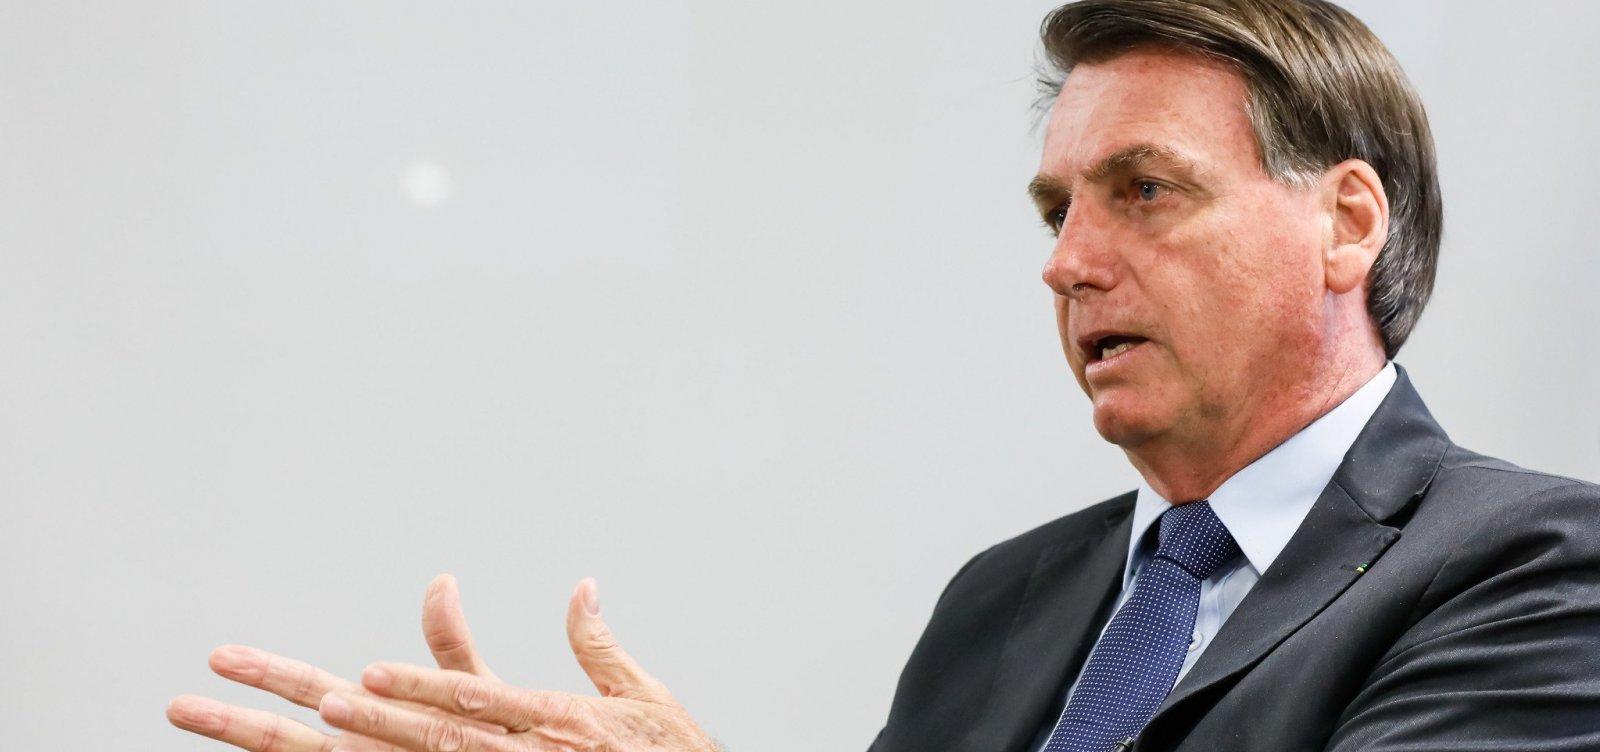 [Bolsonaro diz que Forças Armadas não aceitarão julgamento político para tirar presidente eleito]